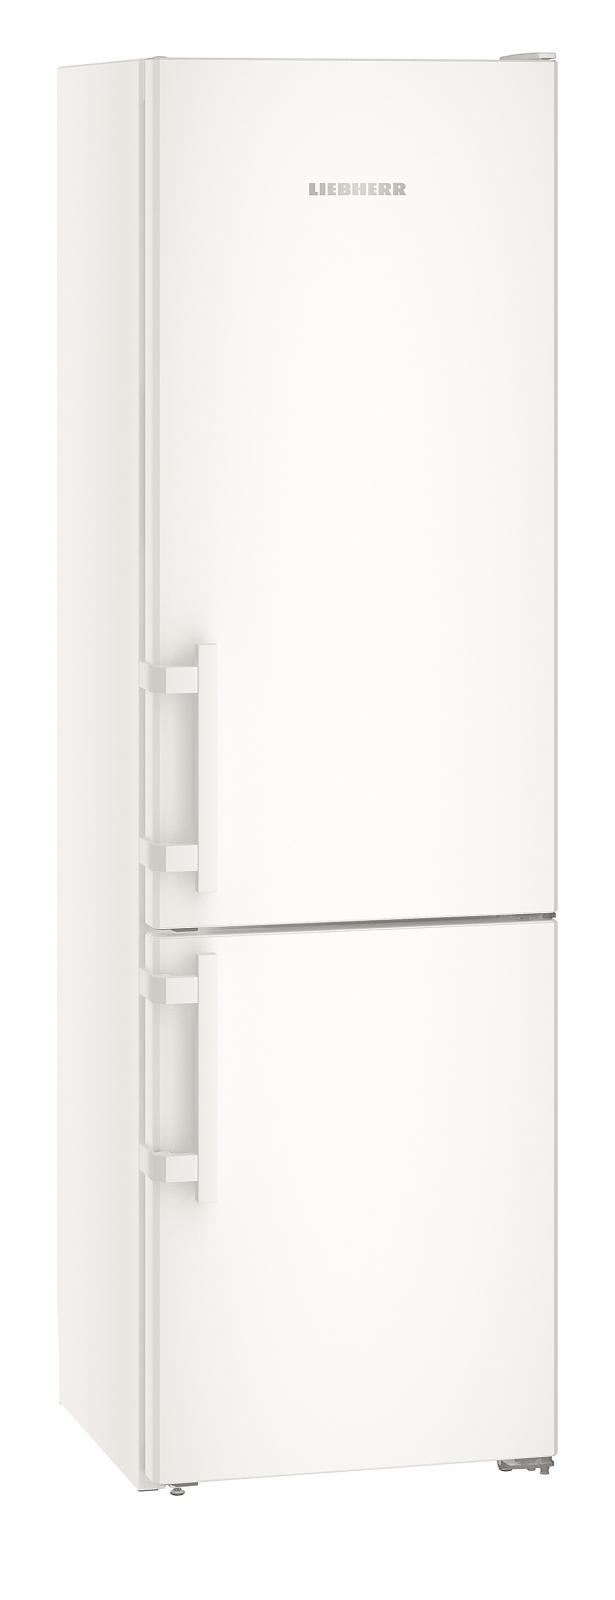 купить Двухкамерный холодильник Liebherr C 3825 Украина фото 2